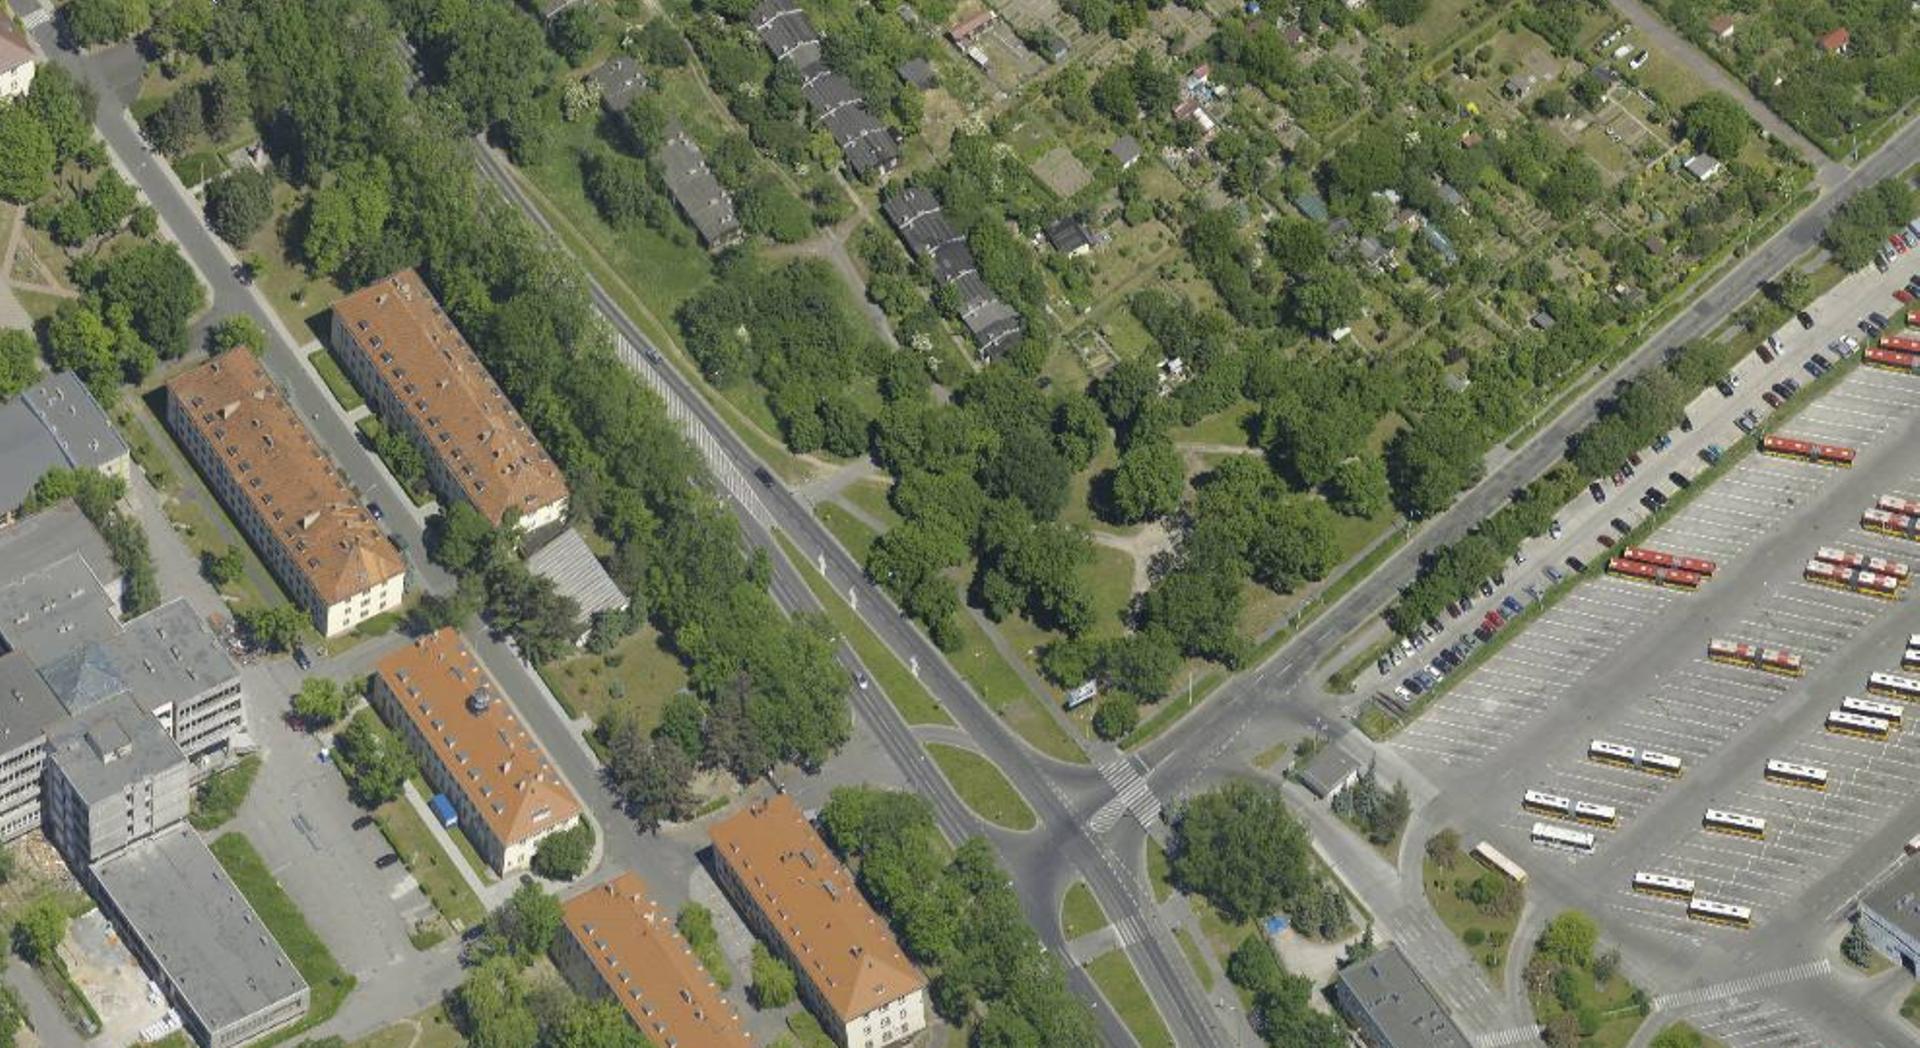 Wrocław: Blisko hektar miejskiej ziemi na Różance trafi pod młotek. Będą wyburzenia